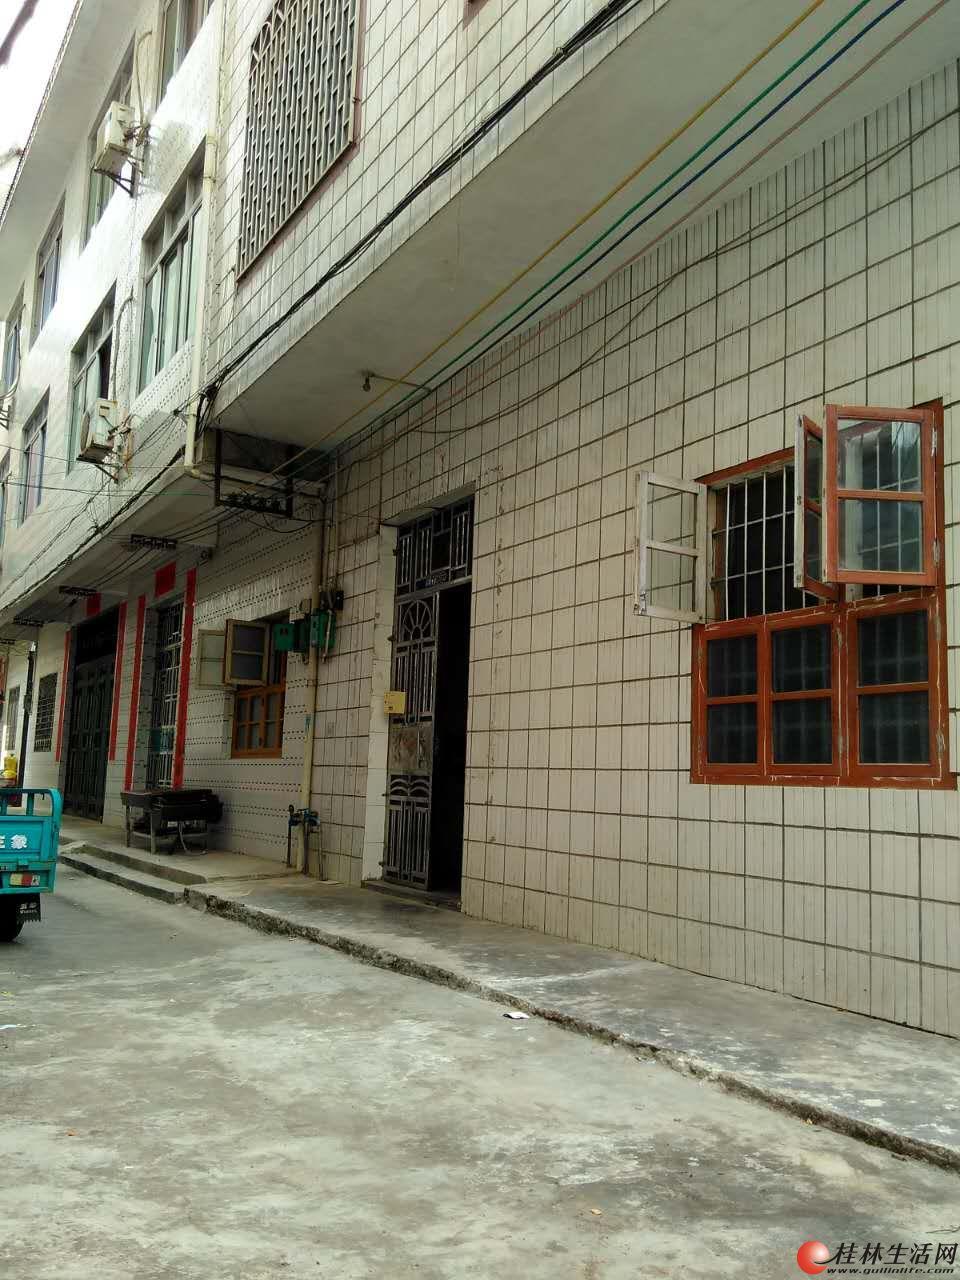 桂林 平乐县城 黄埔路 整栋房出售(不临街不爬坡不淹水)82万可议